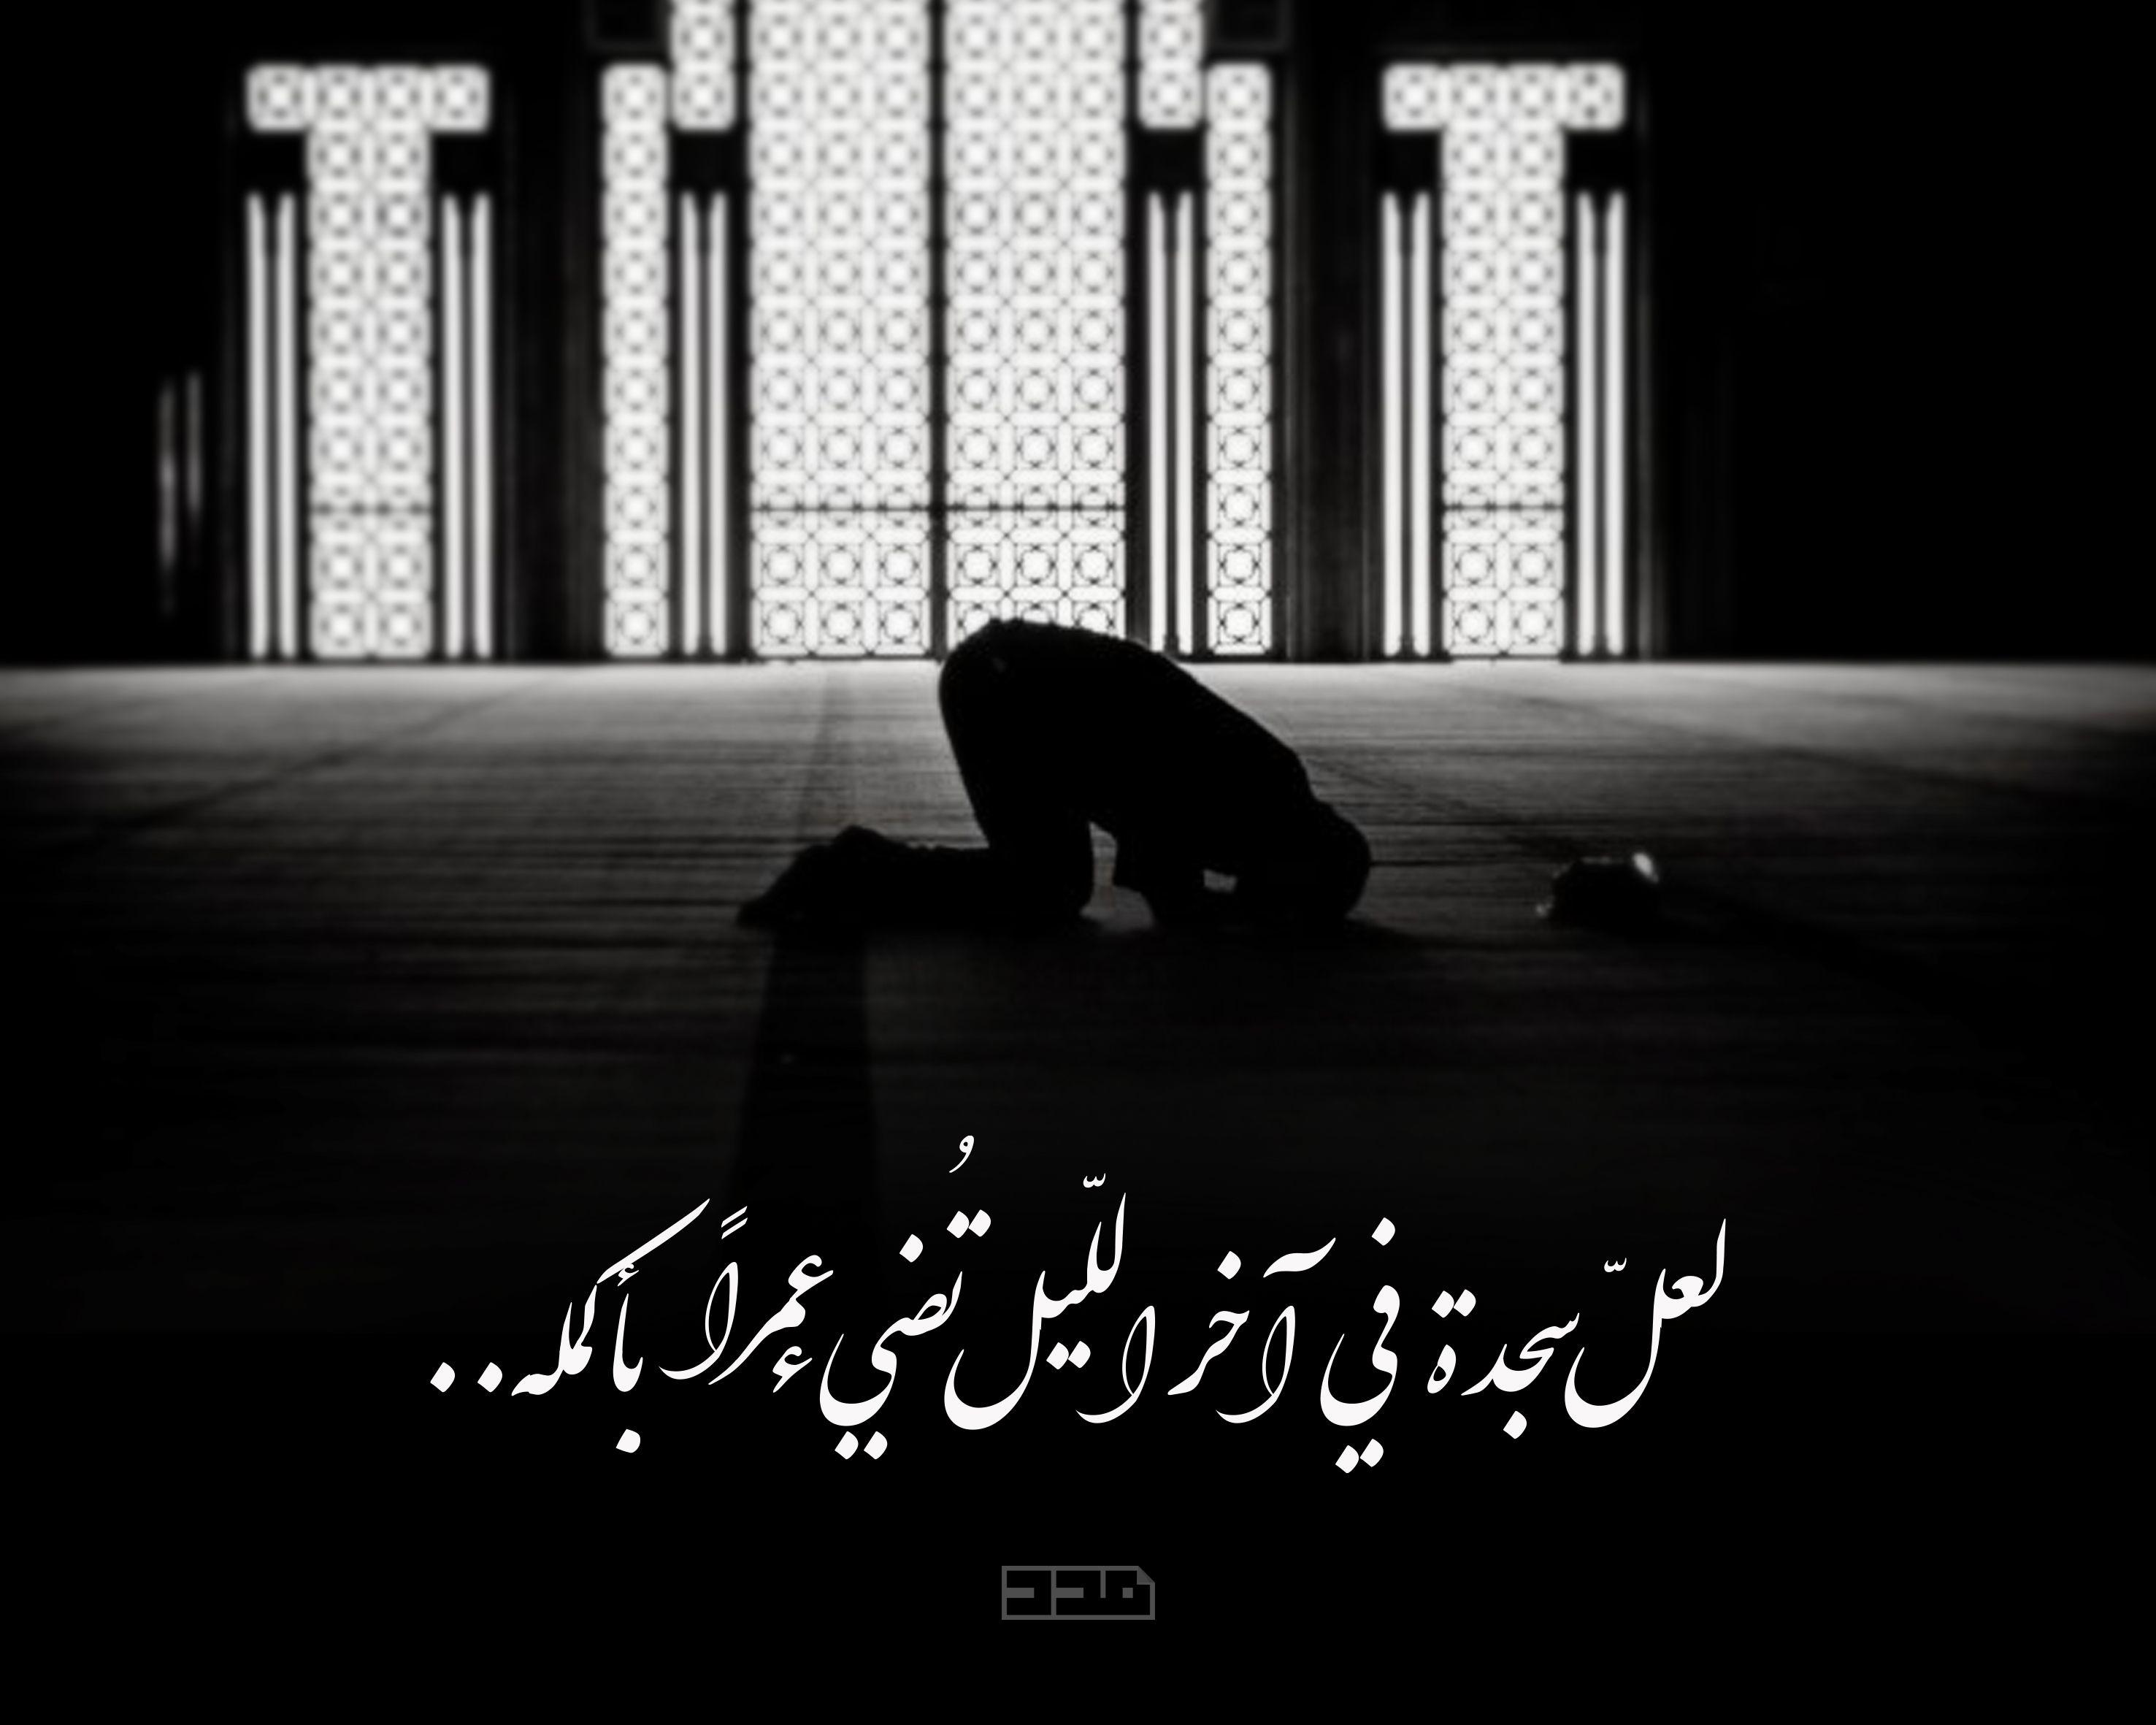 سجدة في آخر الليل Islamic Art Arabic Quotes Art